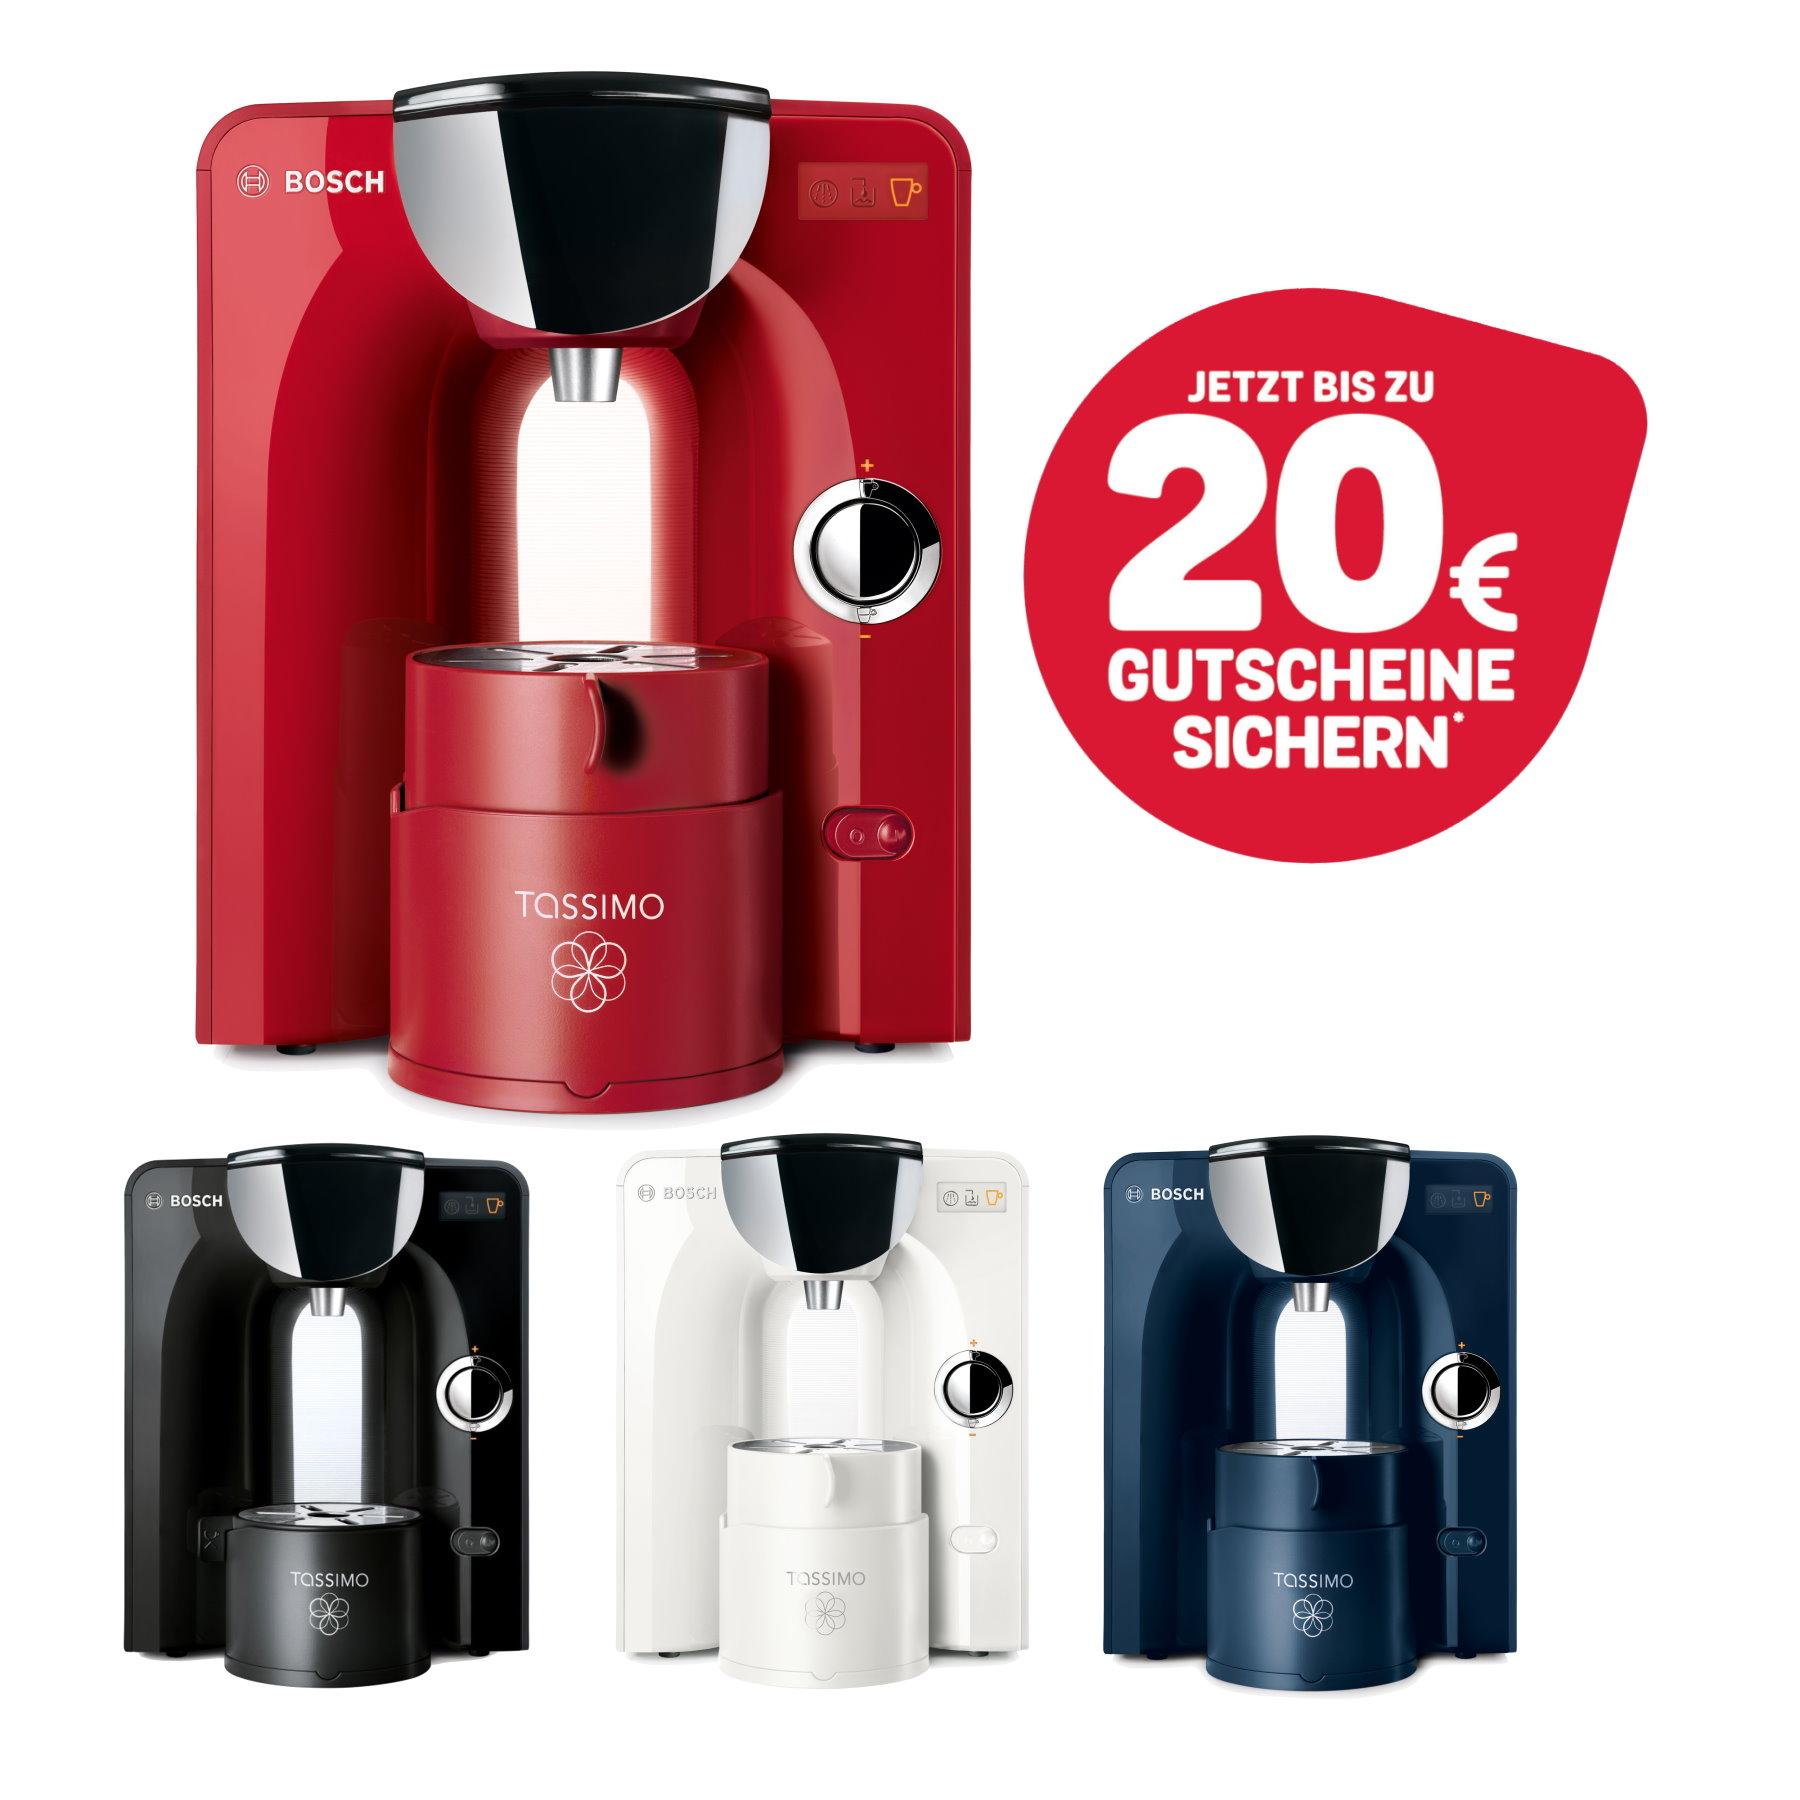 B Ware Bosch Tassimo Charmy Wasserfilter 20eur Gutscheine Hei 223 Getr 228 Nkemaschine Ebay